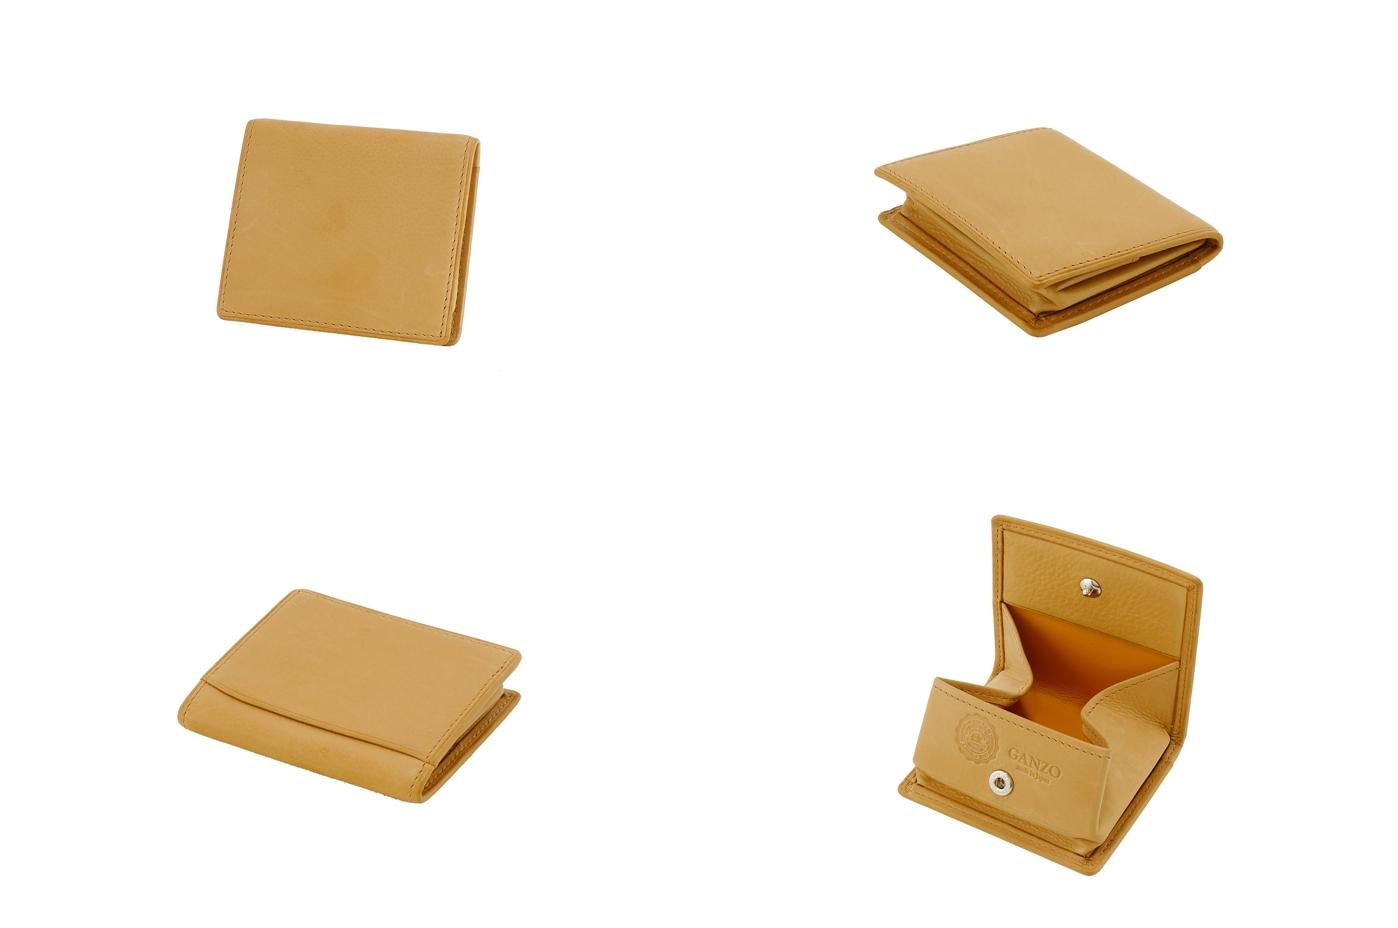 GANZO ガンゾ BABY CALF (ベビーカーフ)BOX小銭入れ ベージュ デザイン